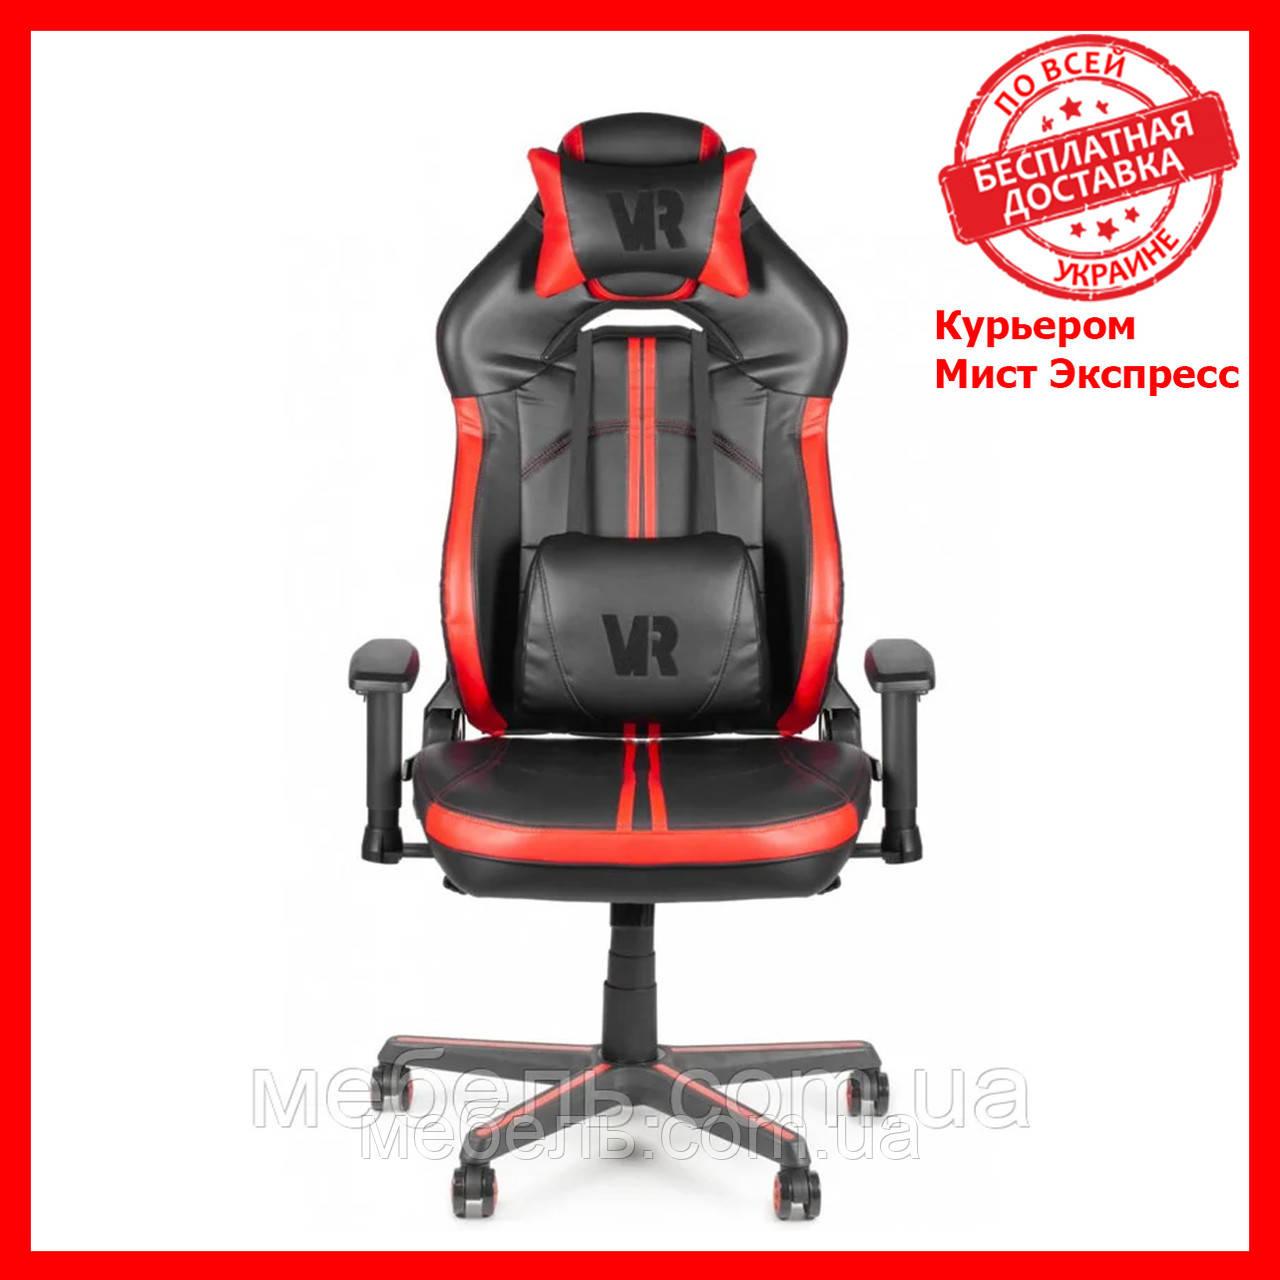 Геймерское компьютерное детское кресло Barsky VR Cyberpunk Red CYB-03